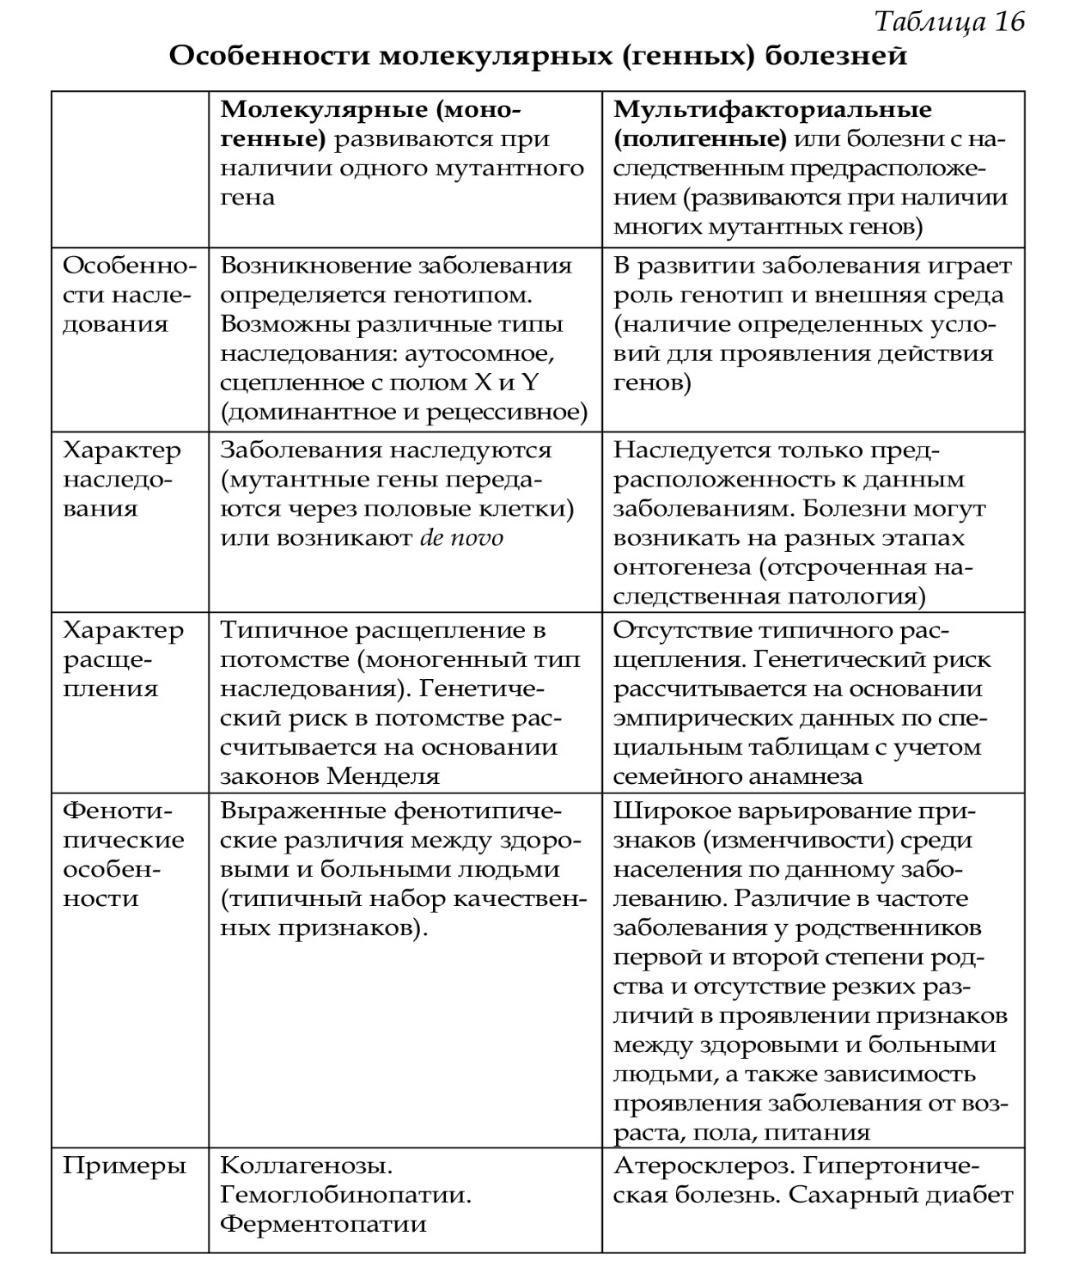 Классификация заболеваний обусловленных поражением генетического аппарата таблица